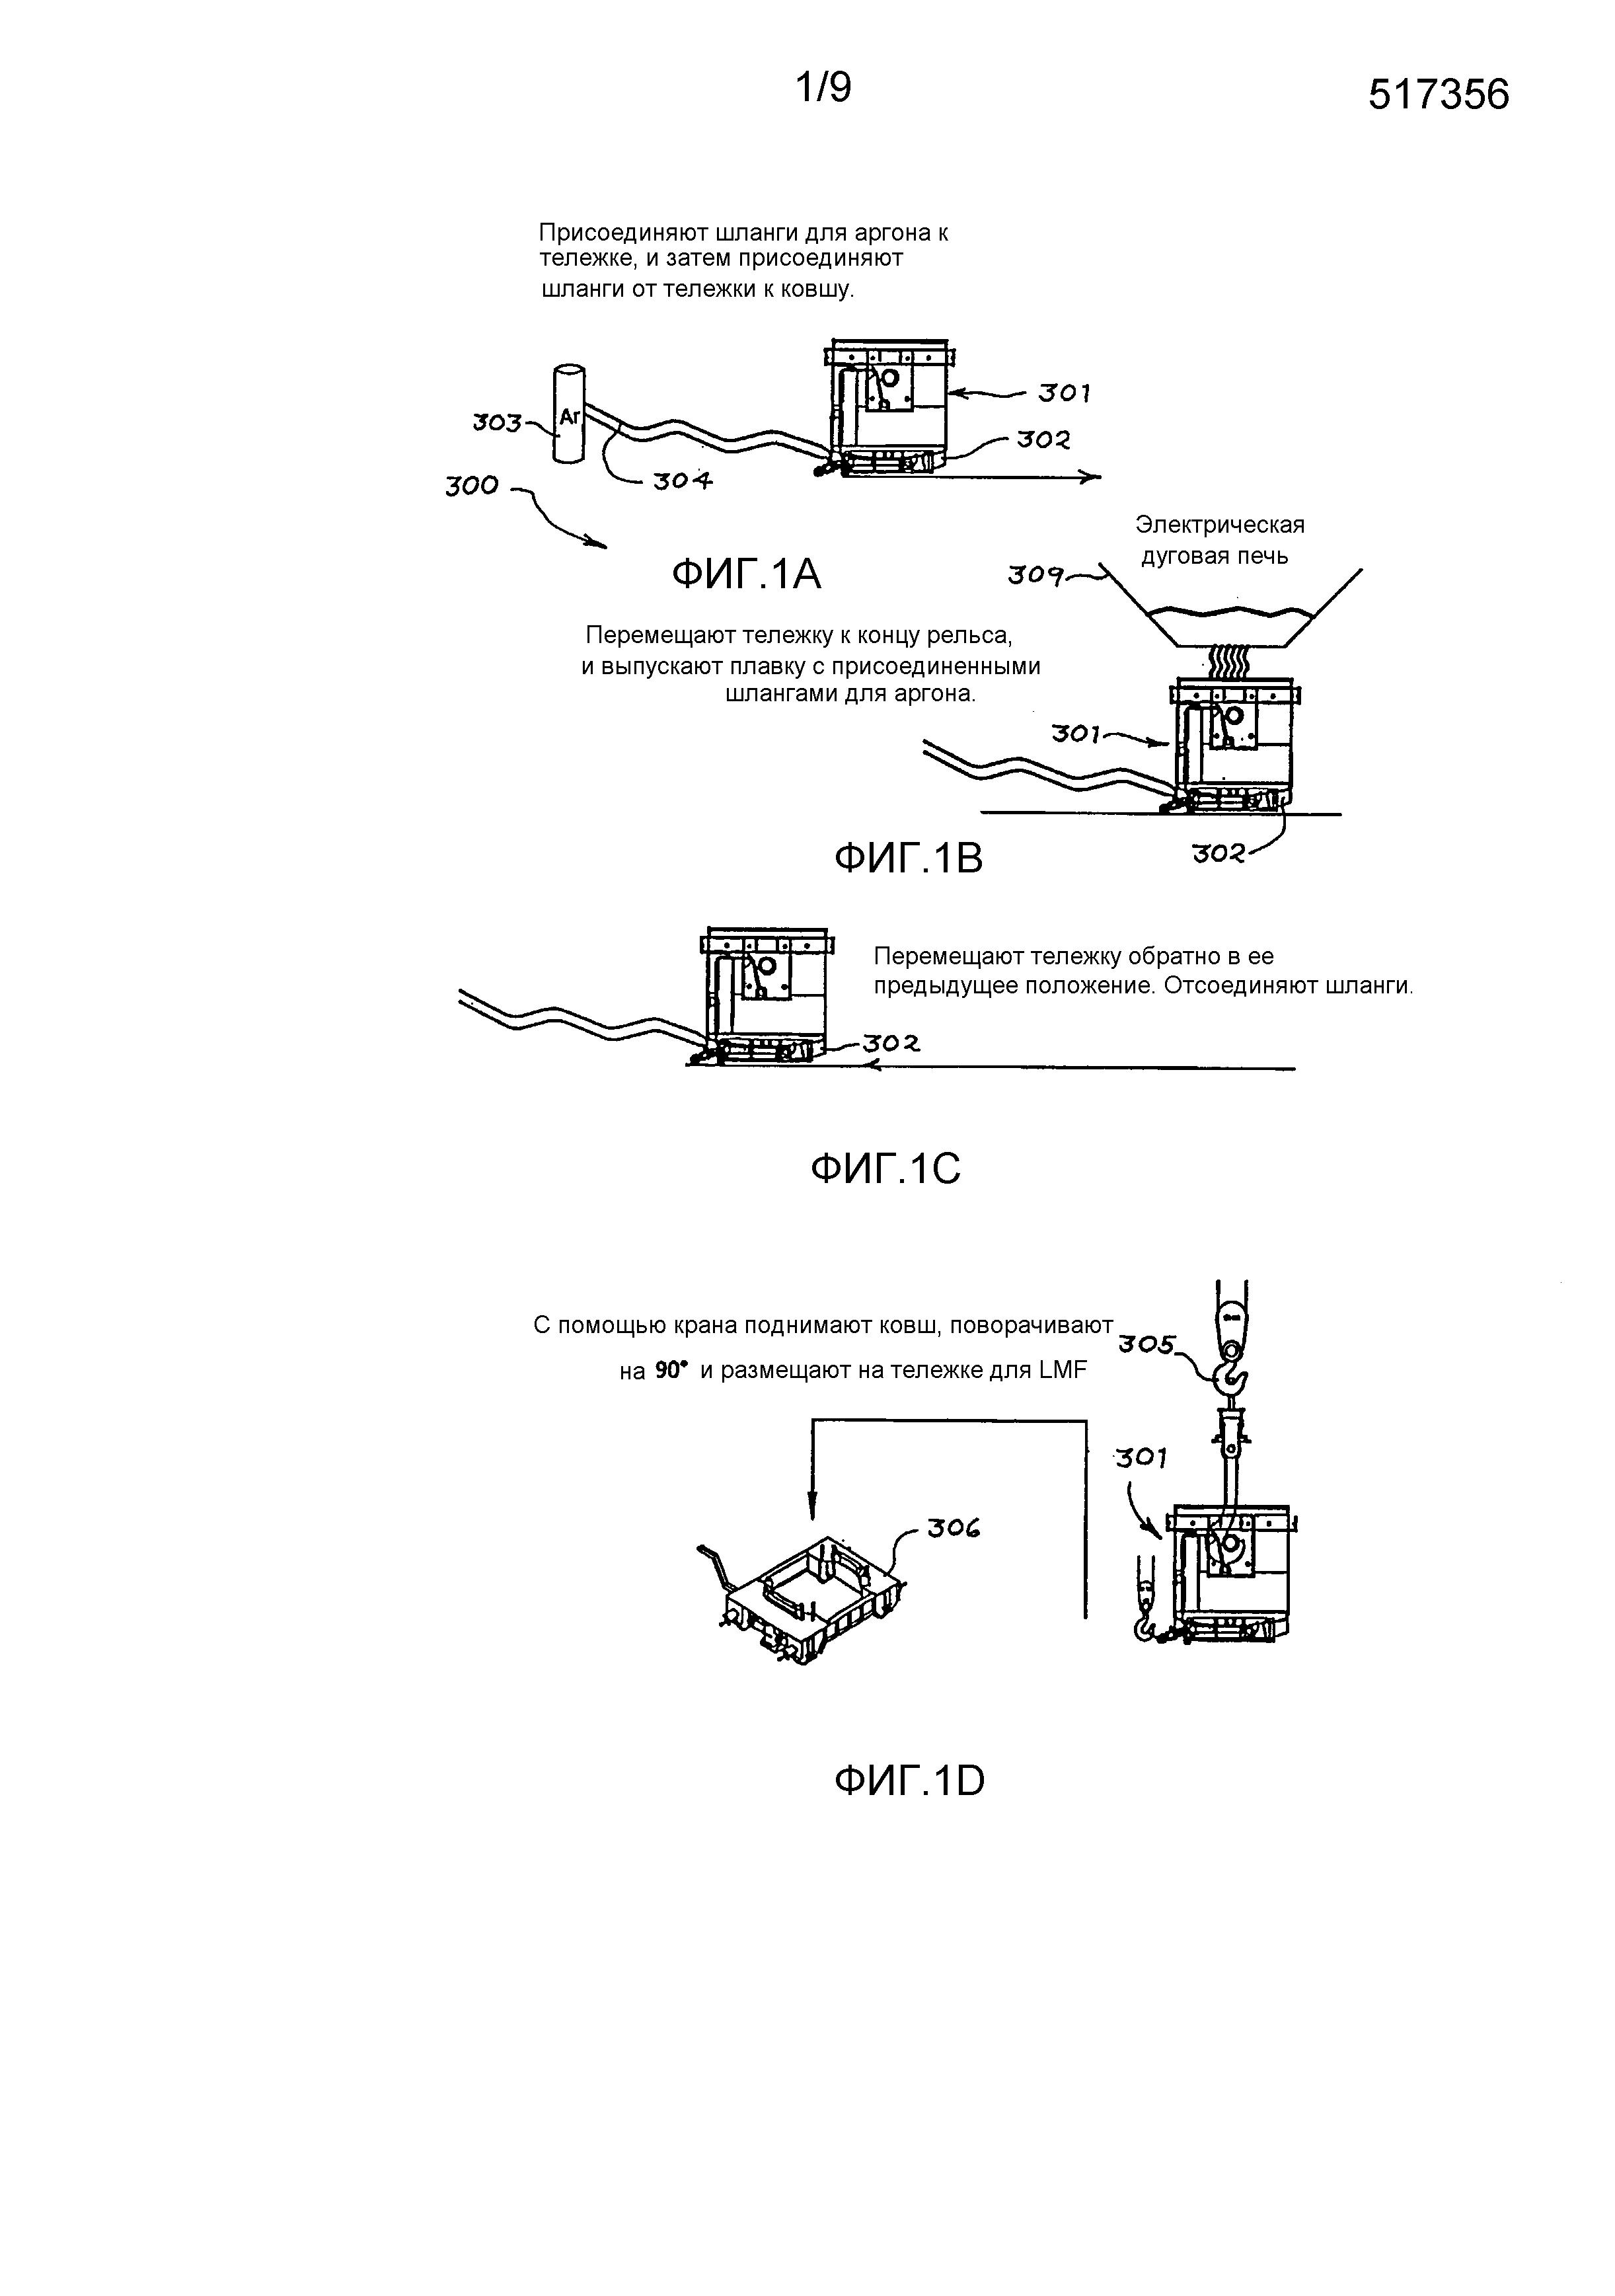 Способ и система для изготовления высокочистой легированной стали